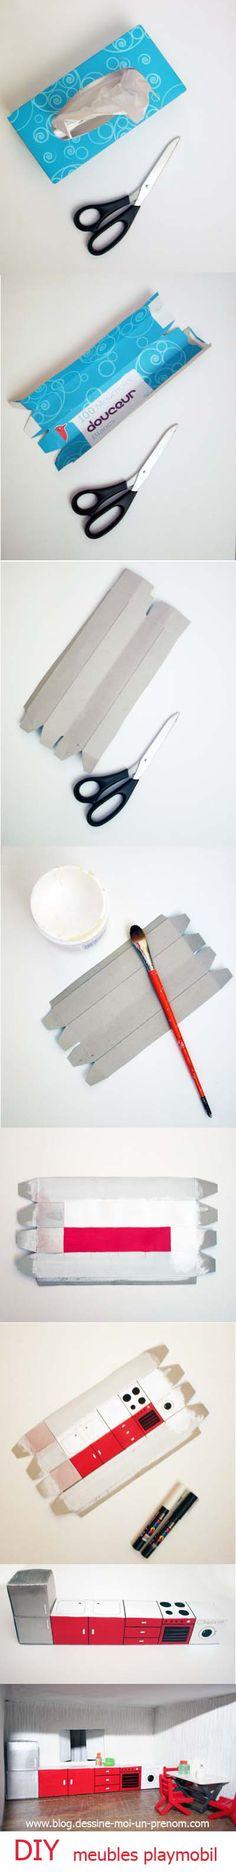 tutoriel-fabriquer-meubles-cuisine-playmobil